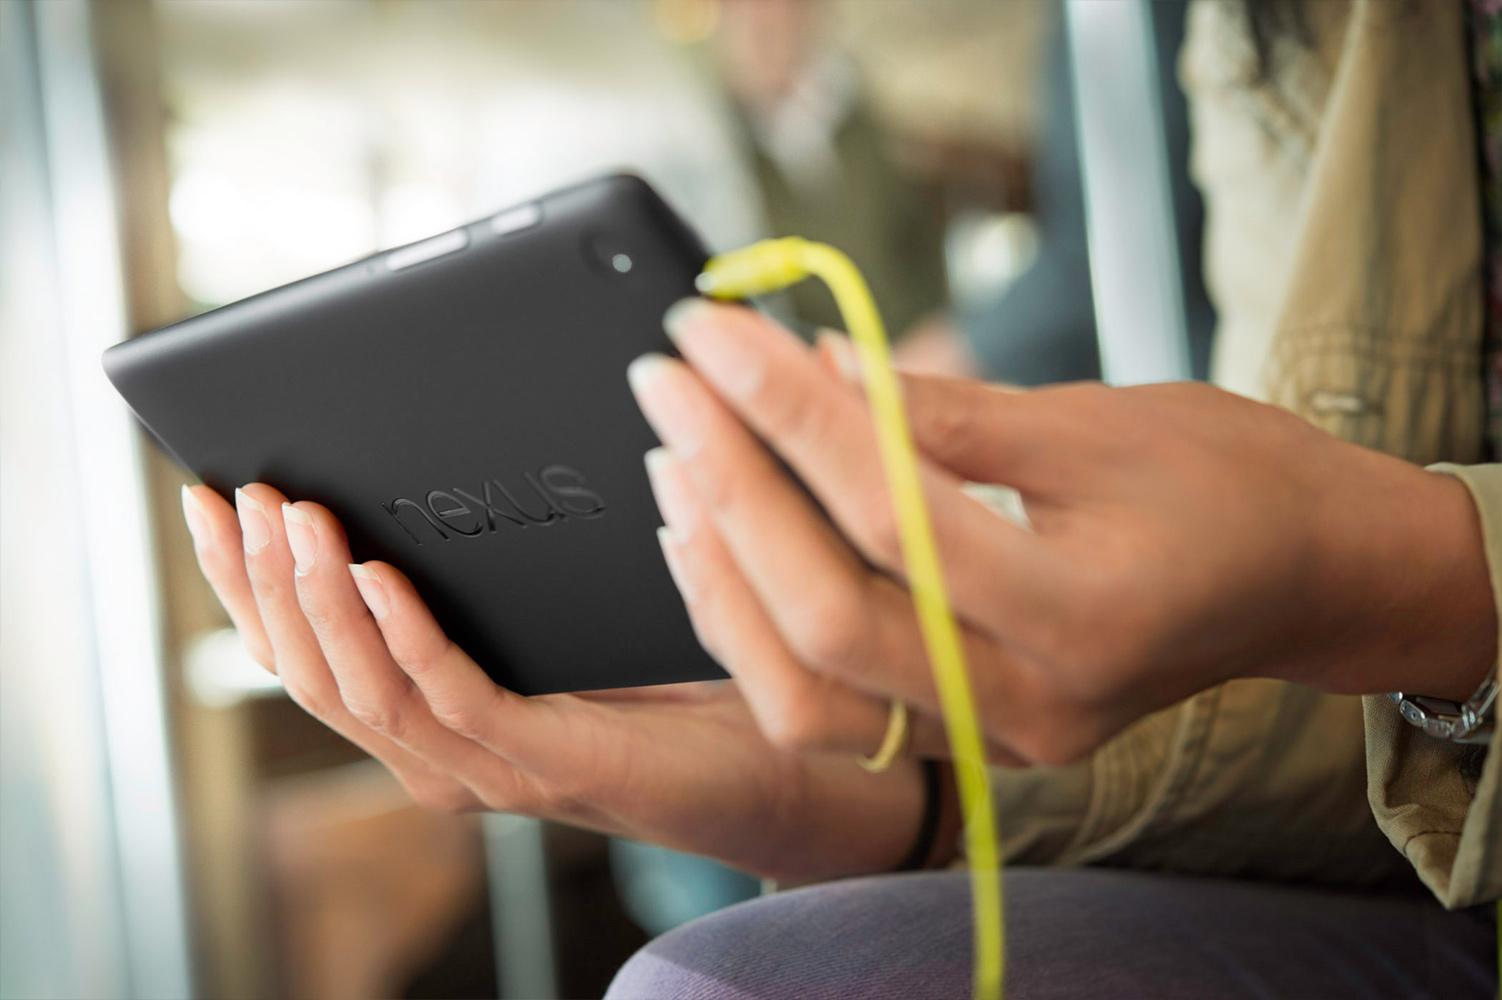 Nowy Nexus 7 nie będzie miał lekko. Musi pokonać tablet, który uważam za ideał